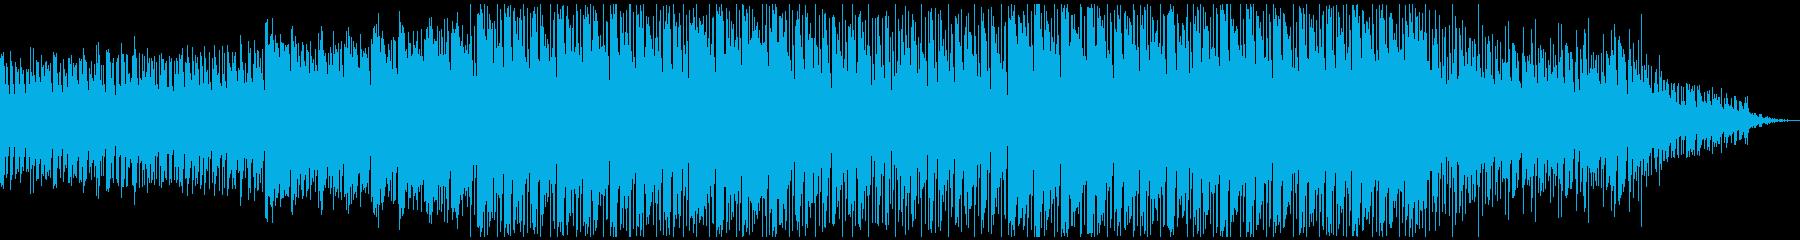 実験的 未来の技術 劇的な テクノ...の再生済みの波形